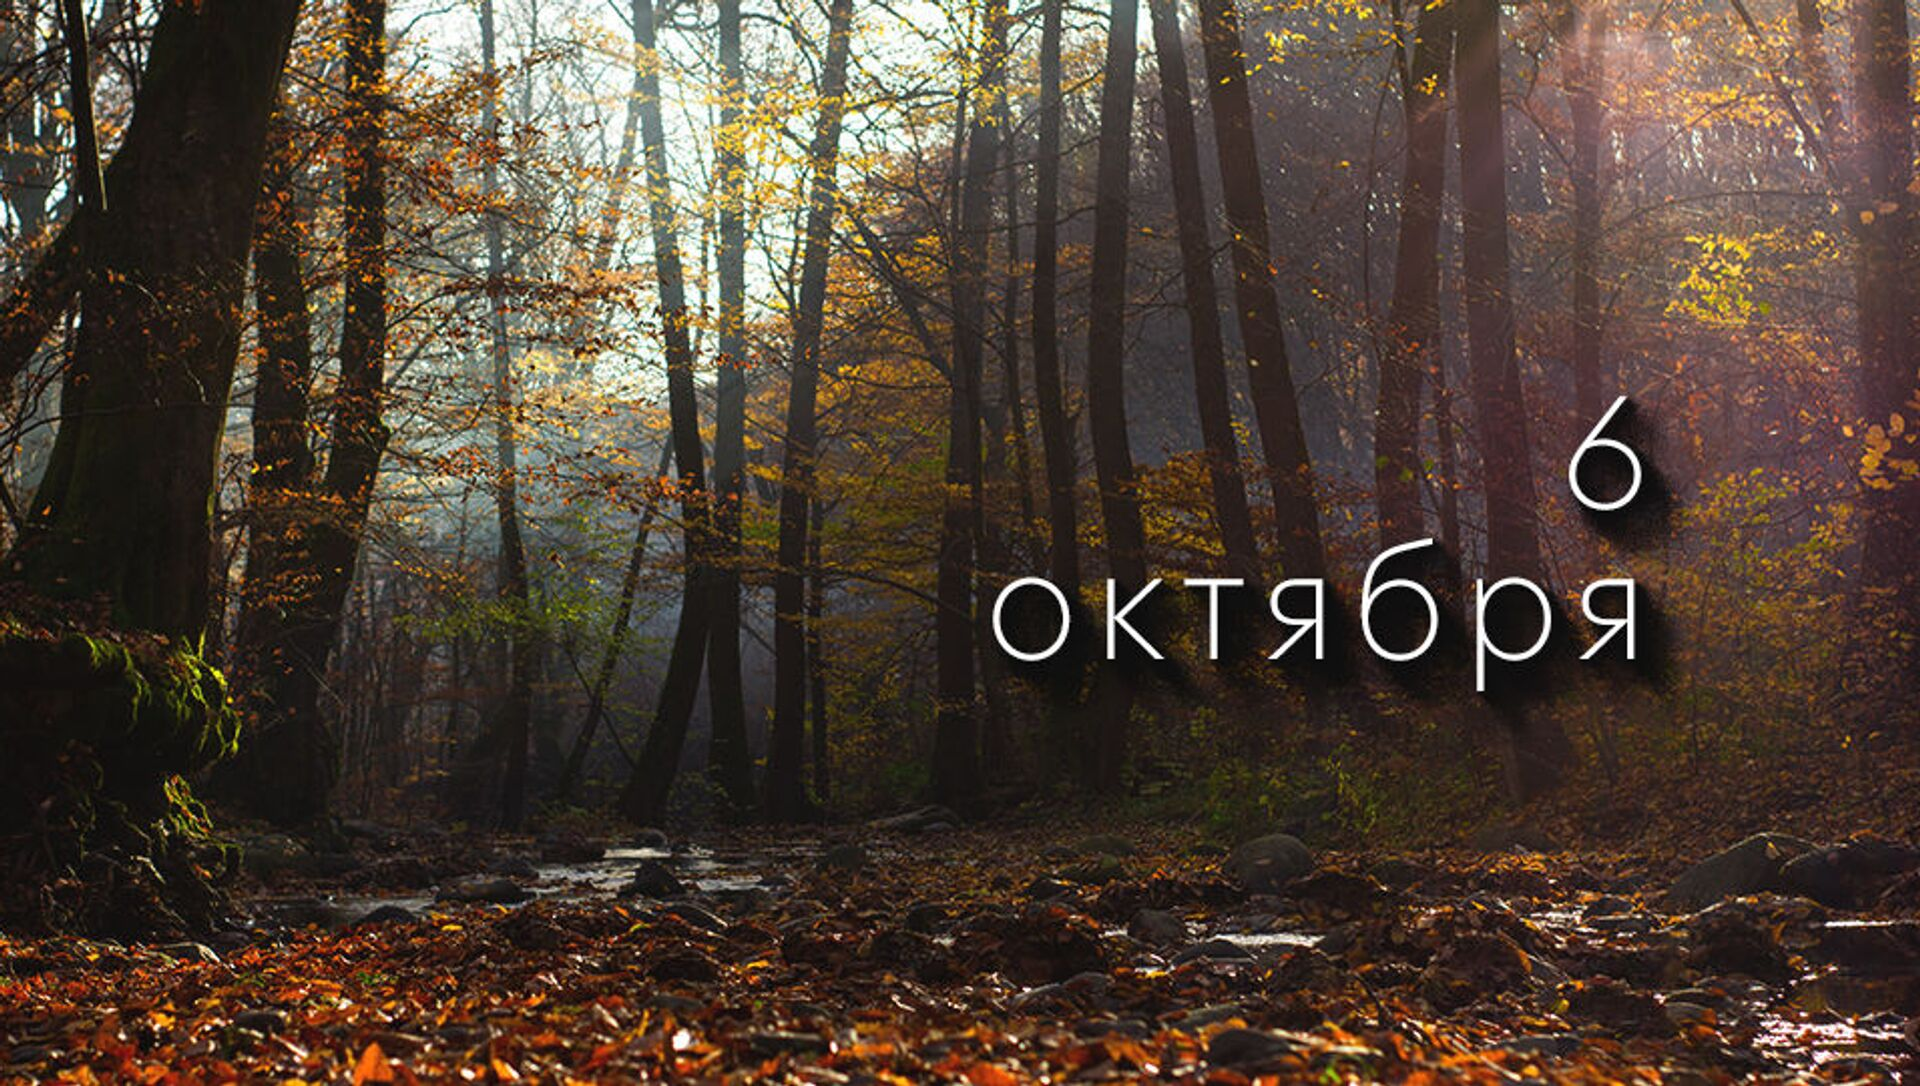 День 6 октября - Sputnik Южная Осетия, 1920, 05.10.2021